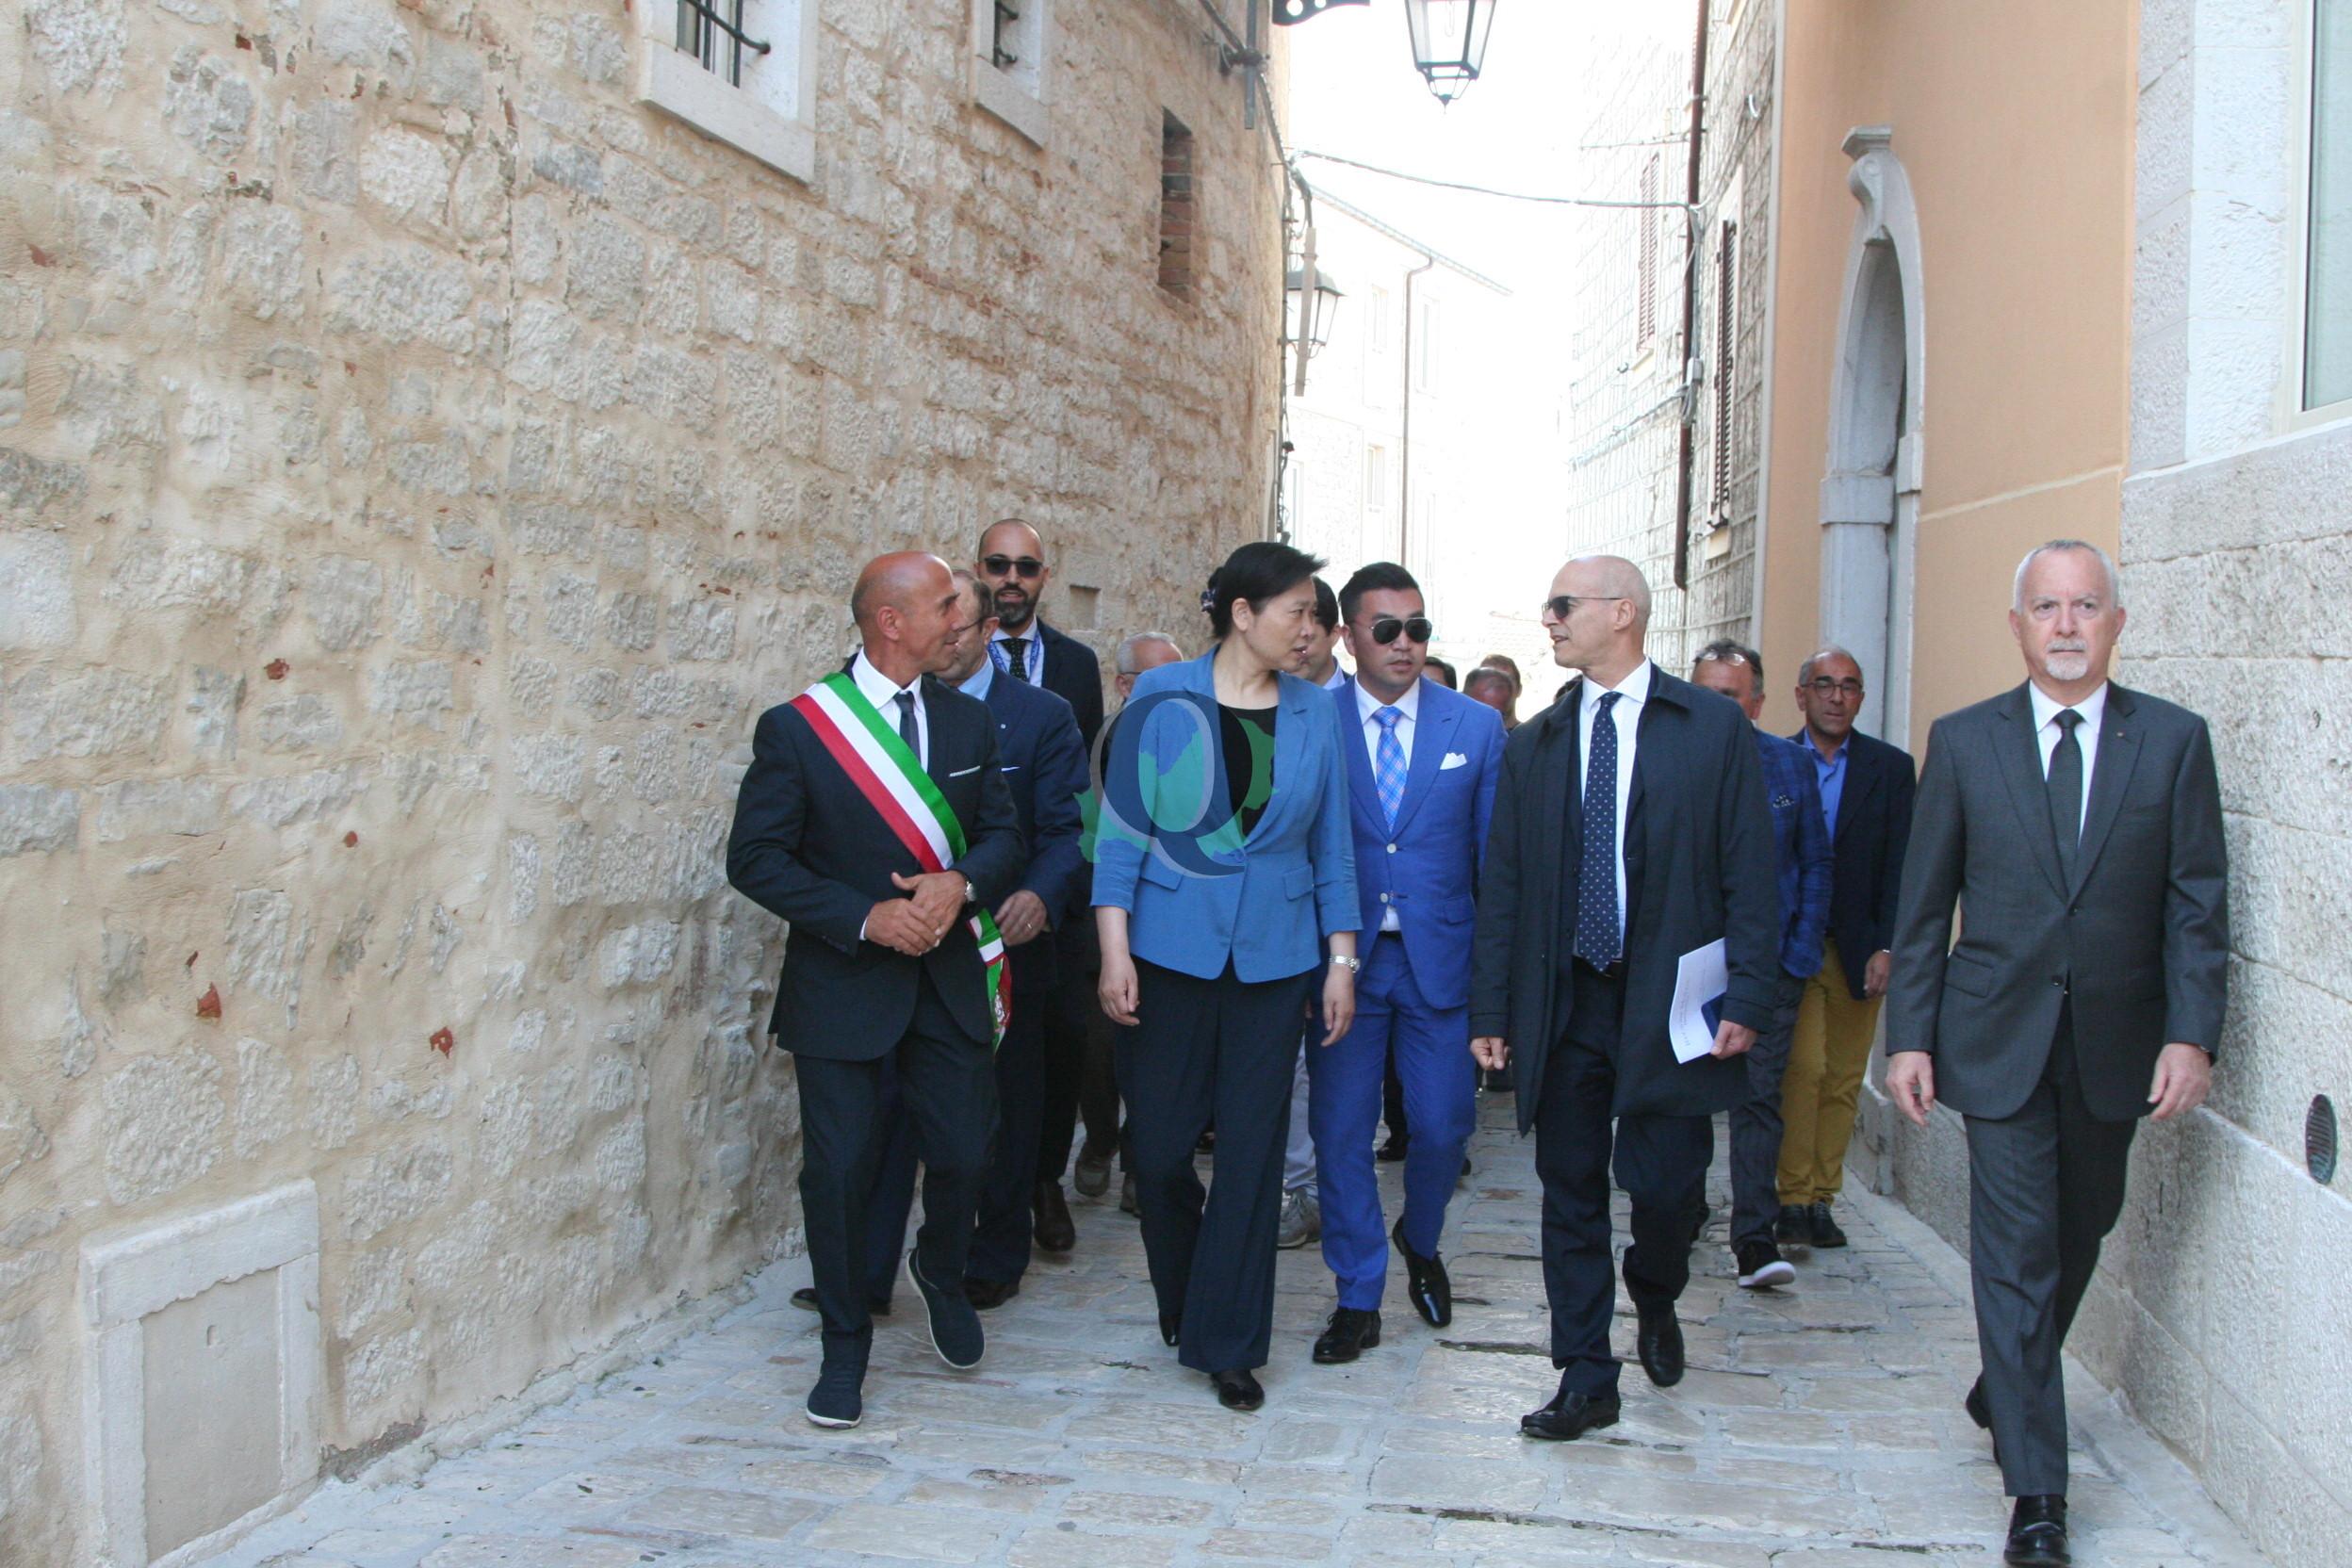 La delegazione cinese dell'Hubei visita Ferrazzano